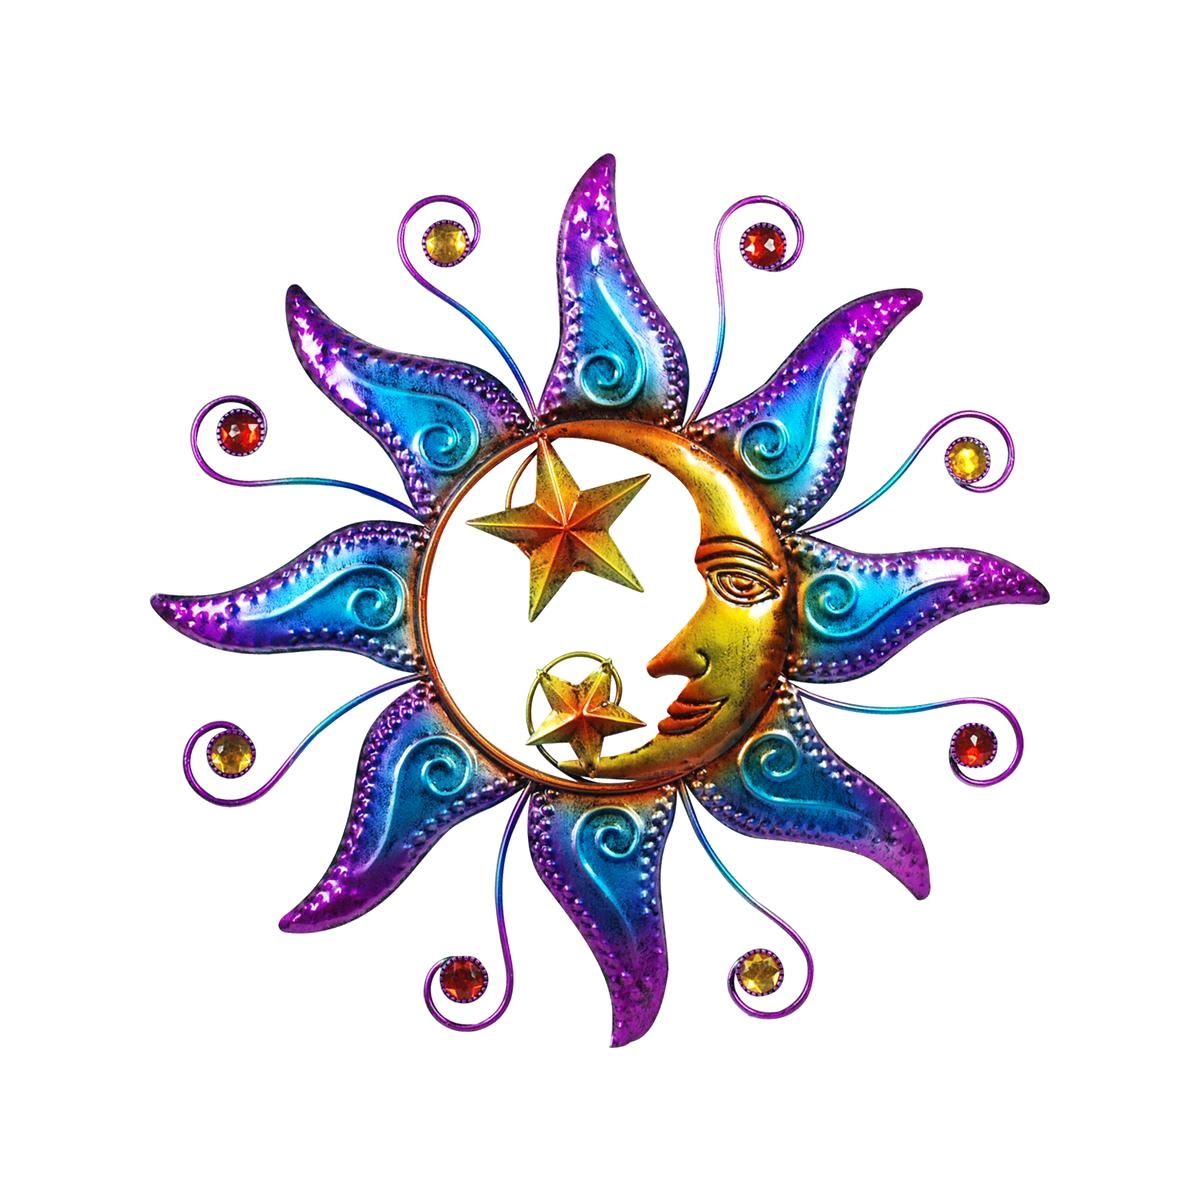 zon maan sterren xl